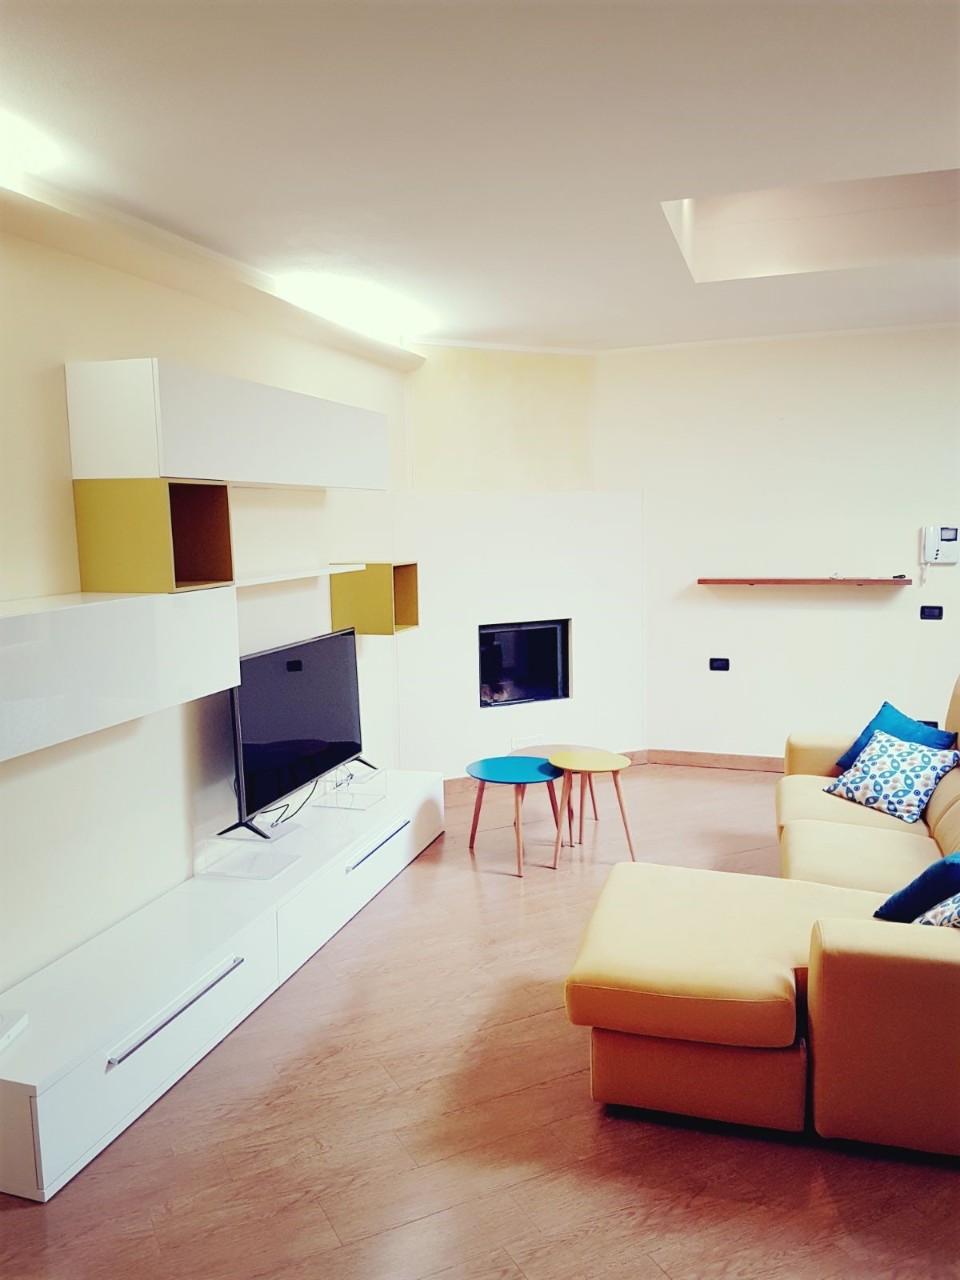 Appartamento in vendita Reggio Emilia Zona Ghiardello